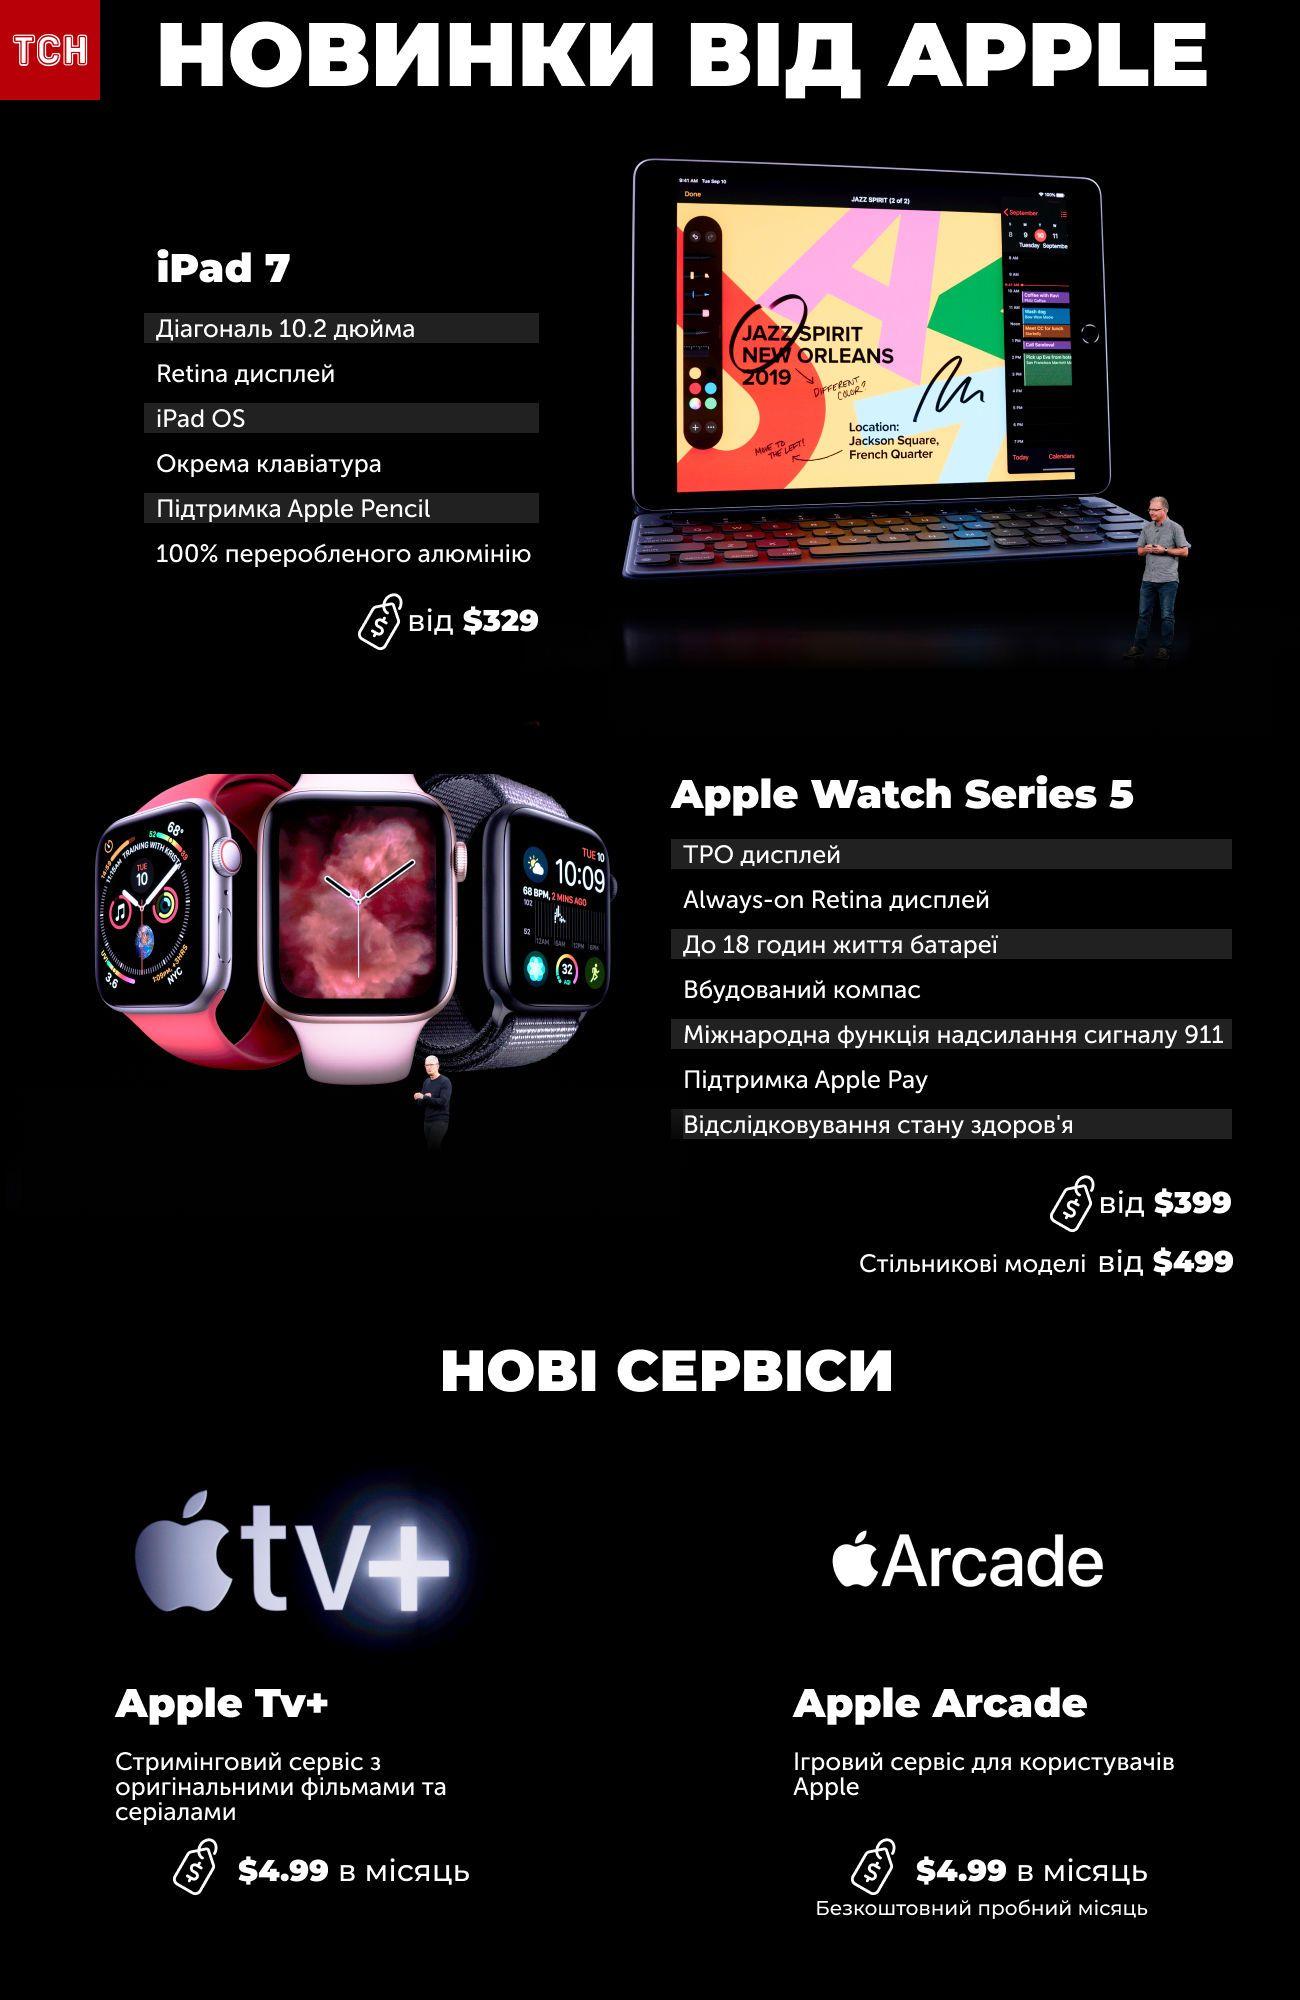 новинки apple інфографіка